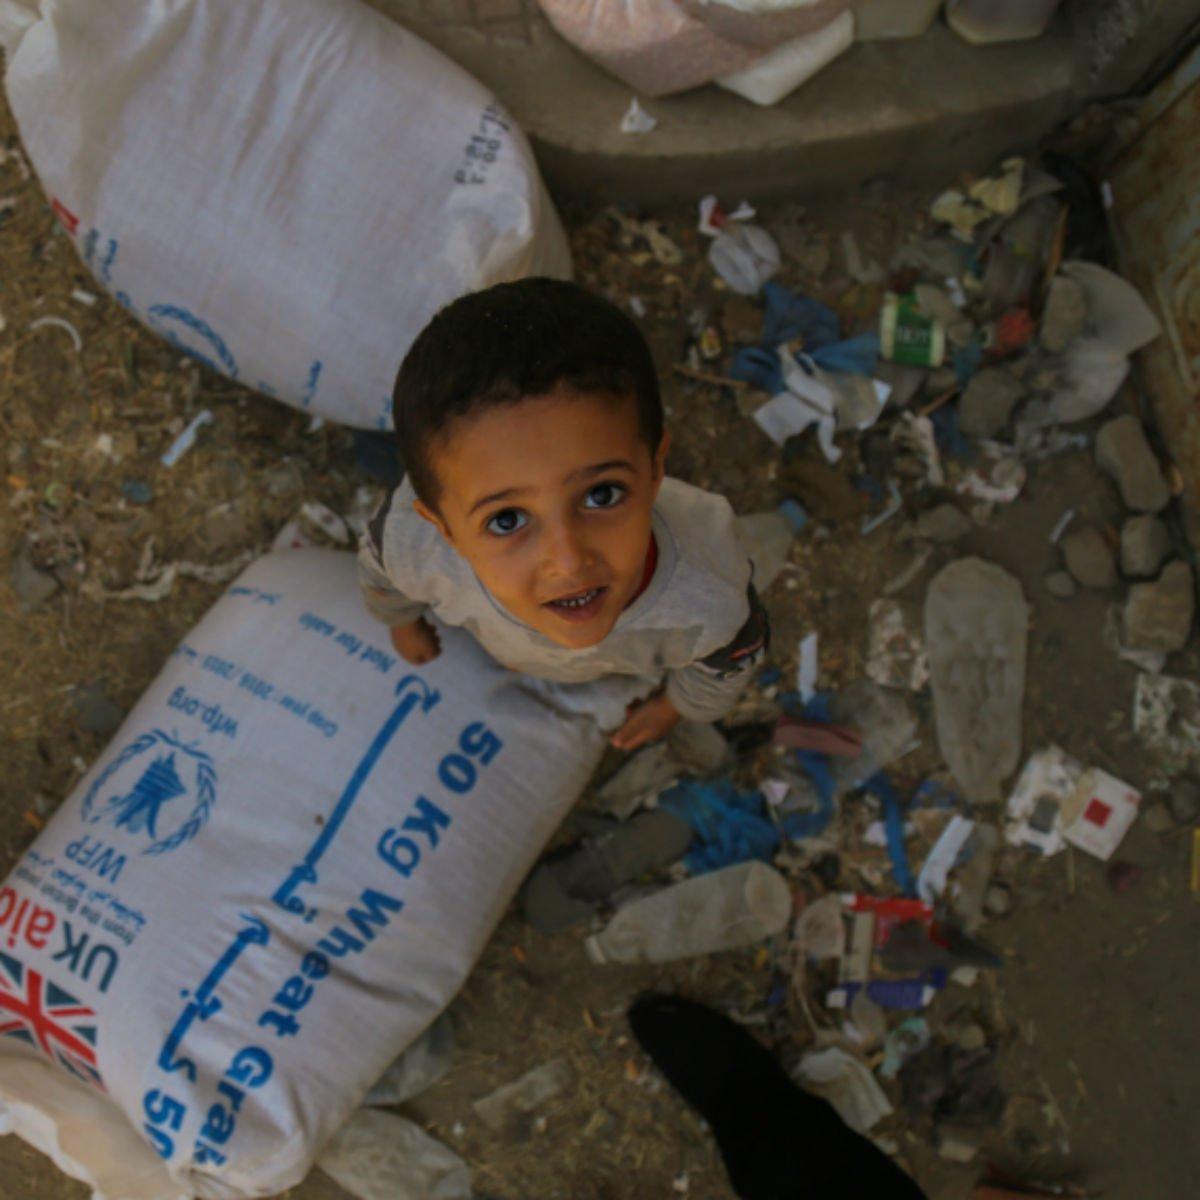 #اليمن في ارقام: أكثر من عام على الصراع 2.8 مليون شخص نازح داخلياً 14.1 مليون شخص في حاجة ماسة للغذاء https://t.co/5oCB0aGcYP